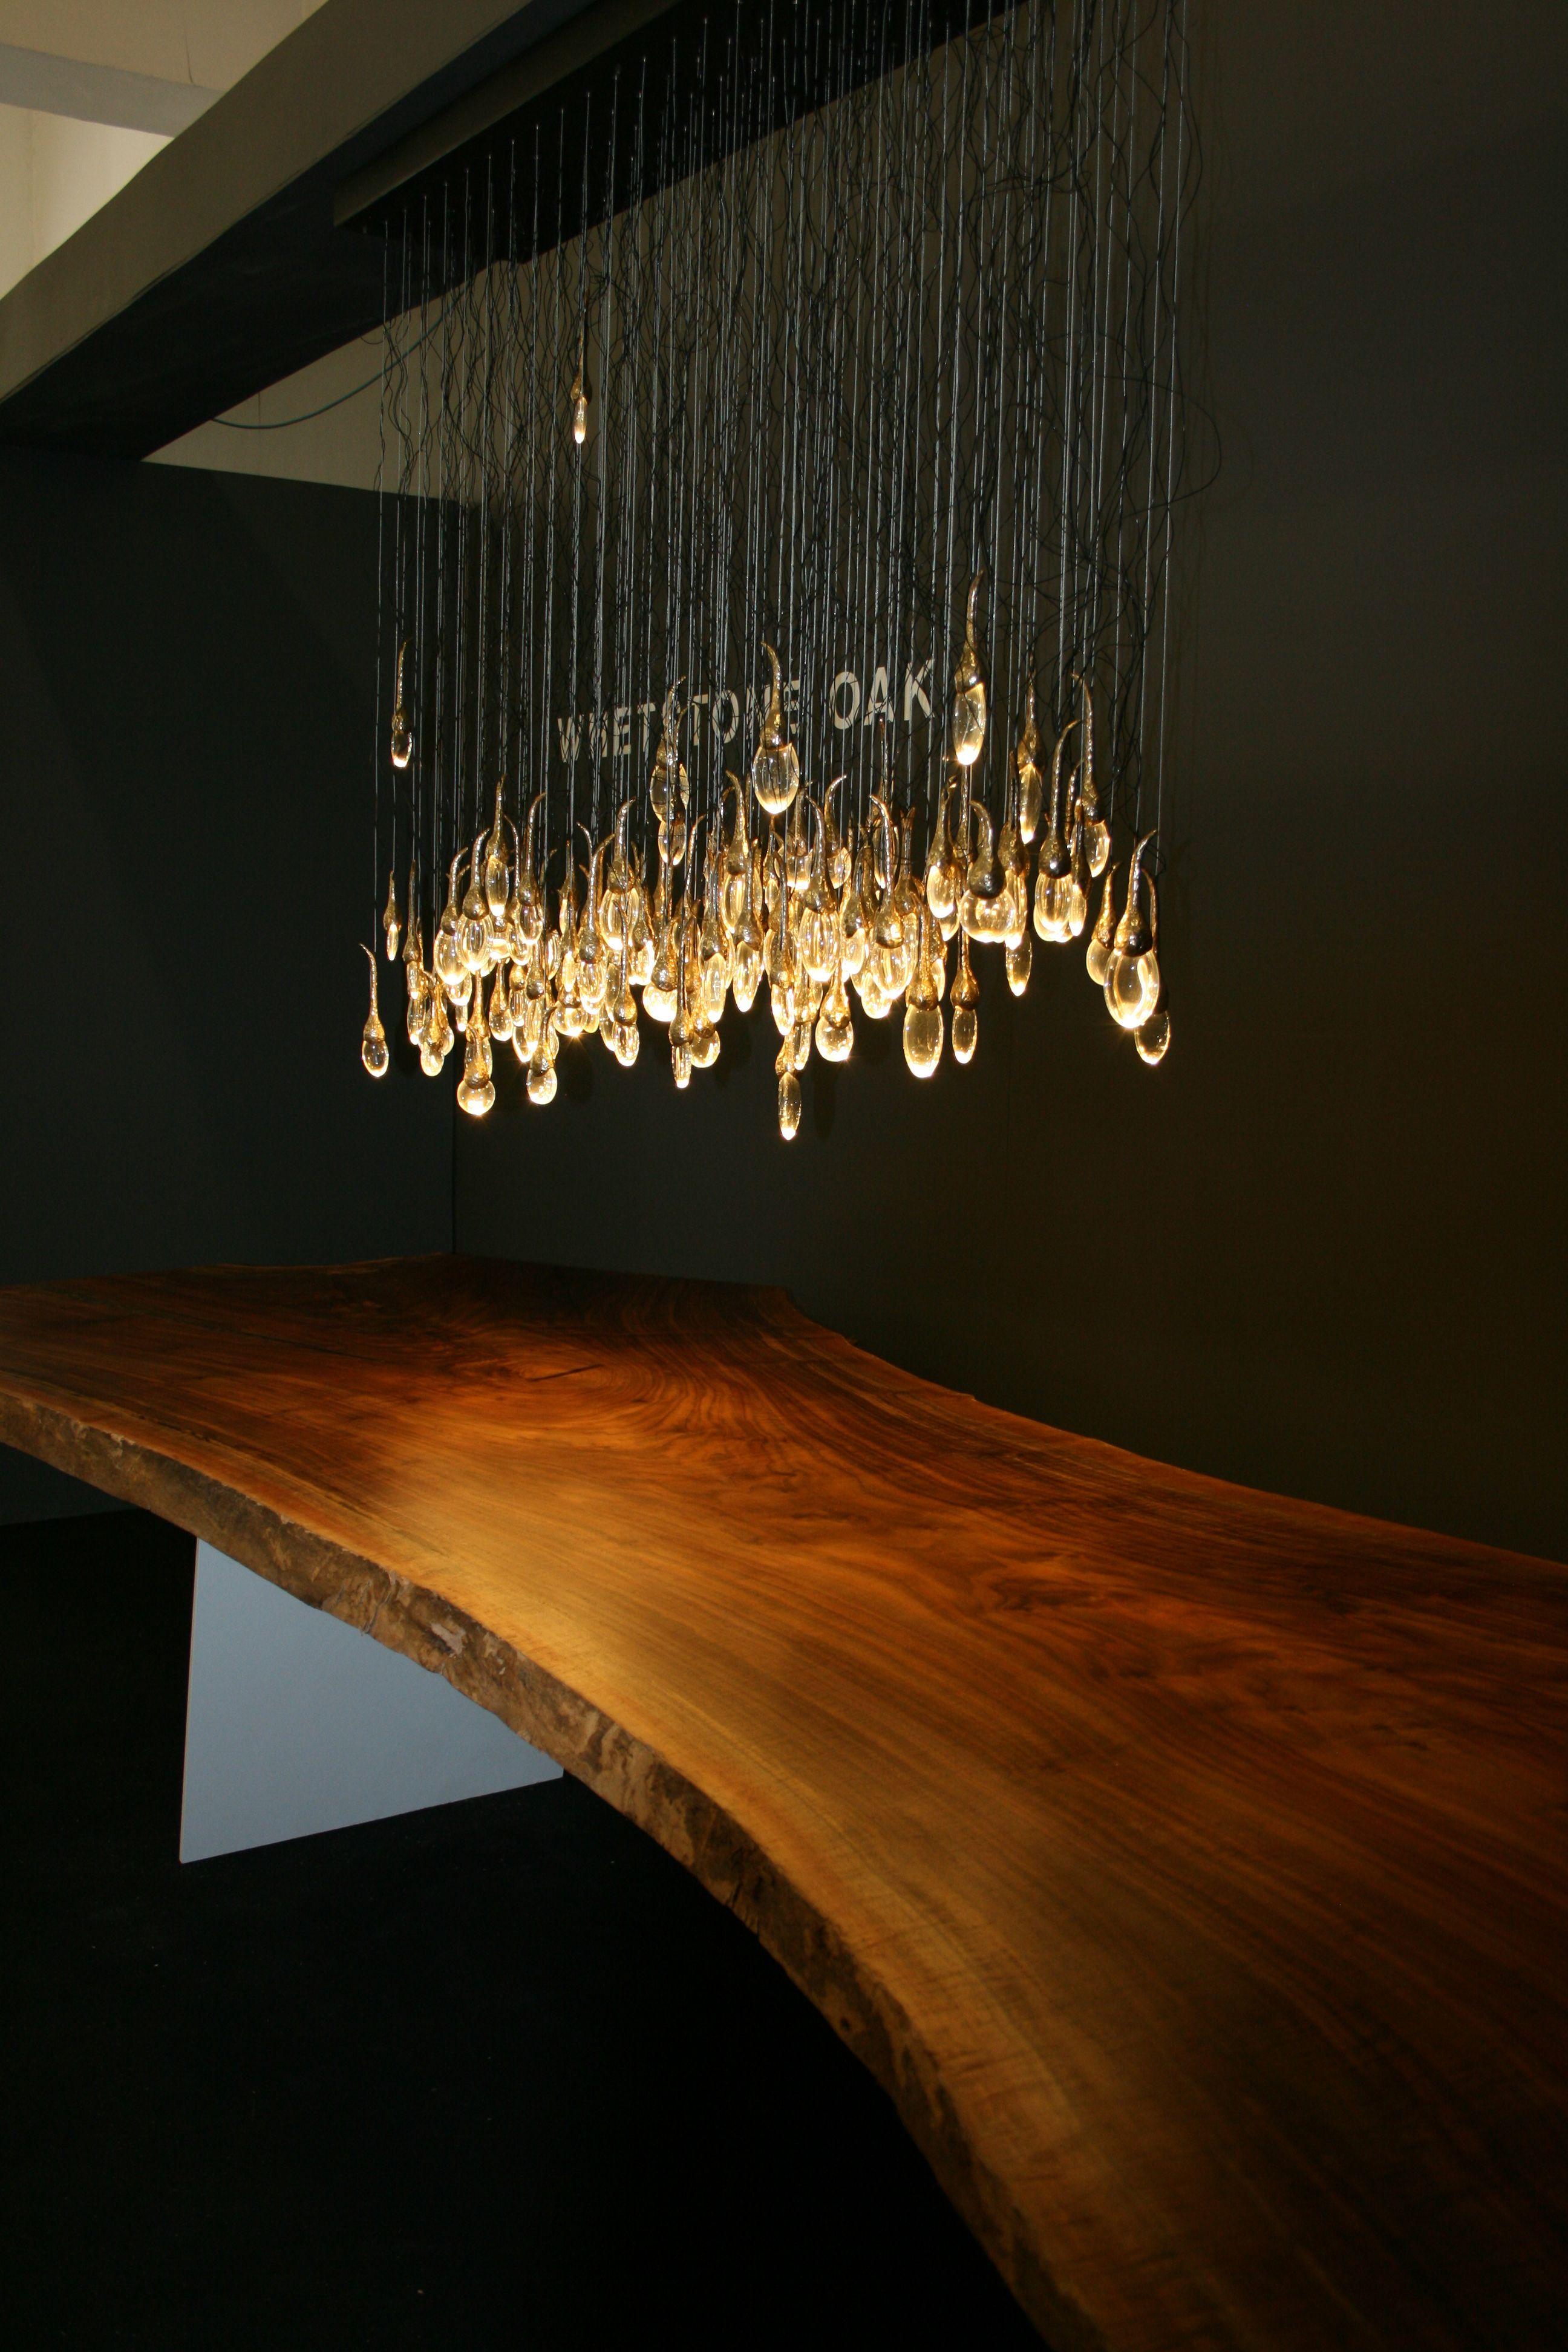 Ochre lighting, Whetstone oak table - Tent London ...